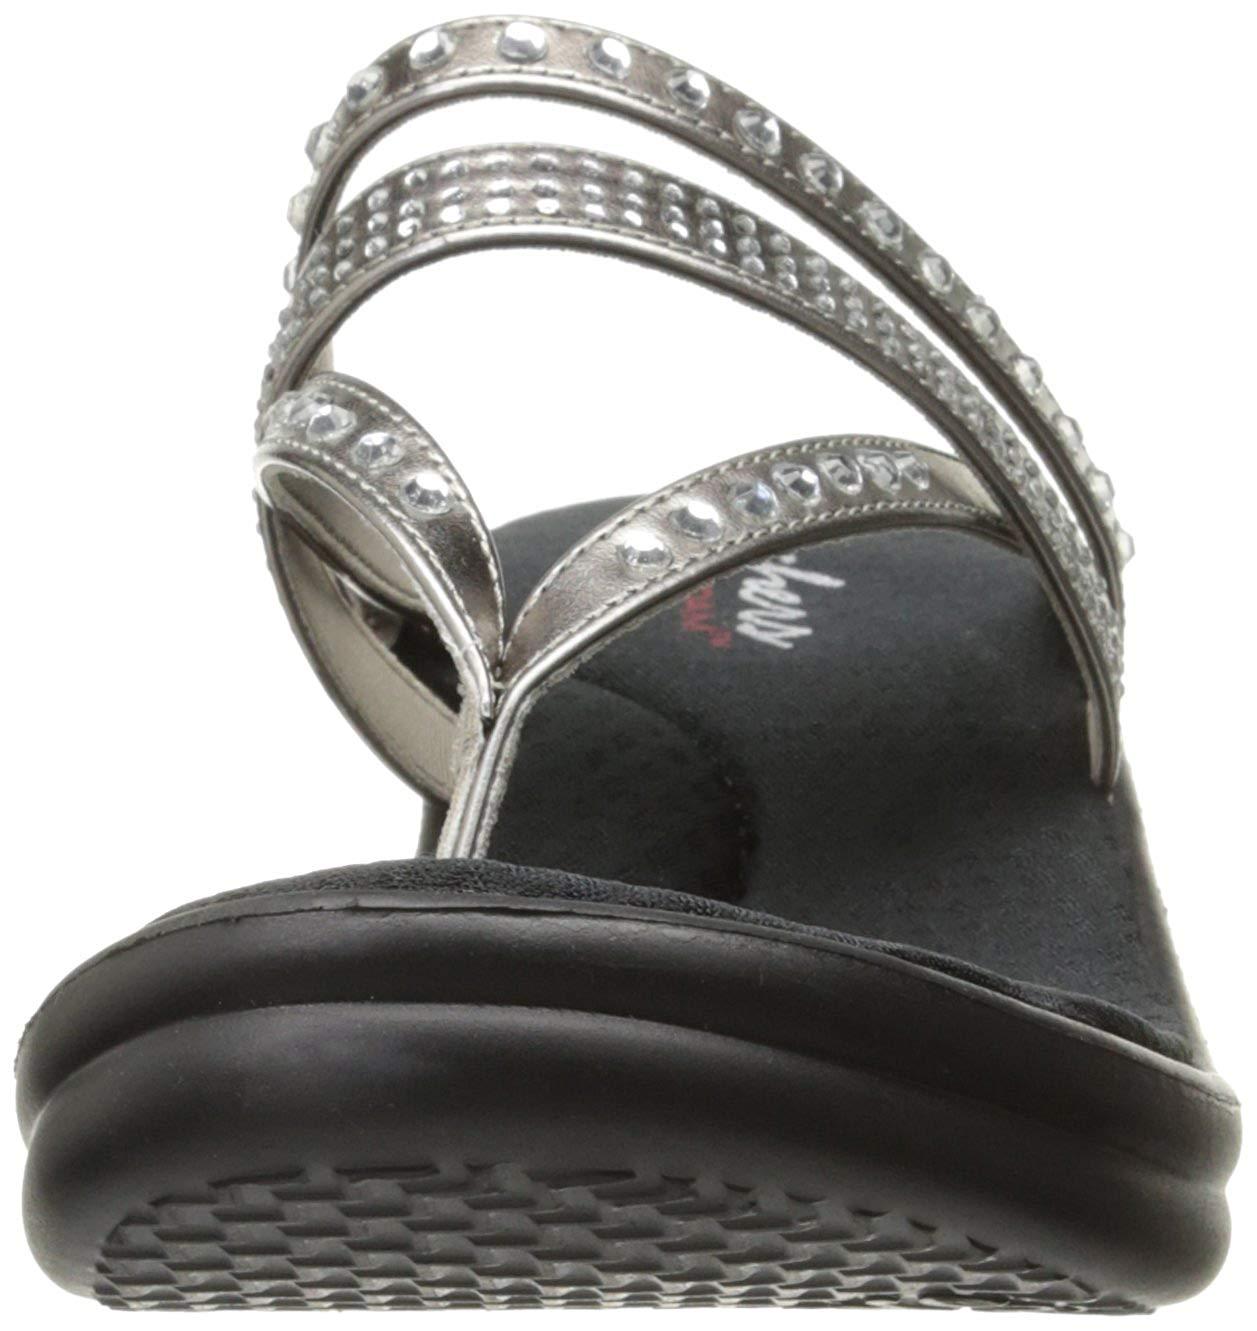 5f93ef6a710b Skechers Womens Platform Sandals Pewter 11 US   9 UK 190872240571